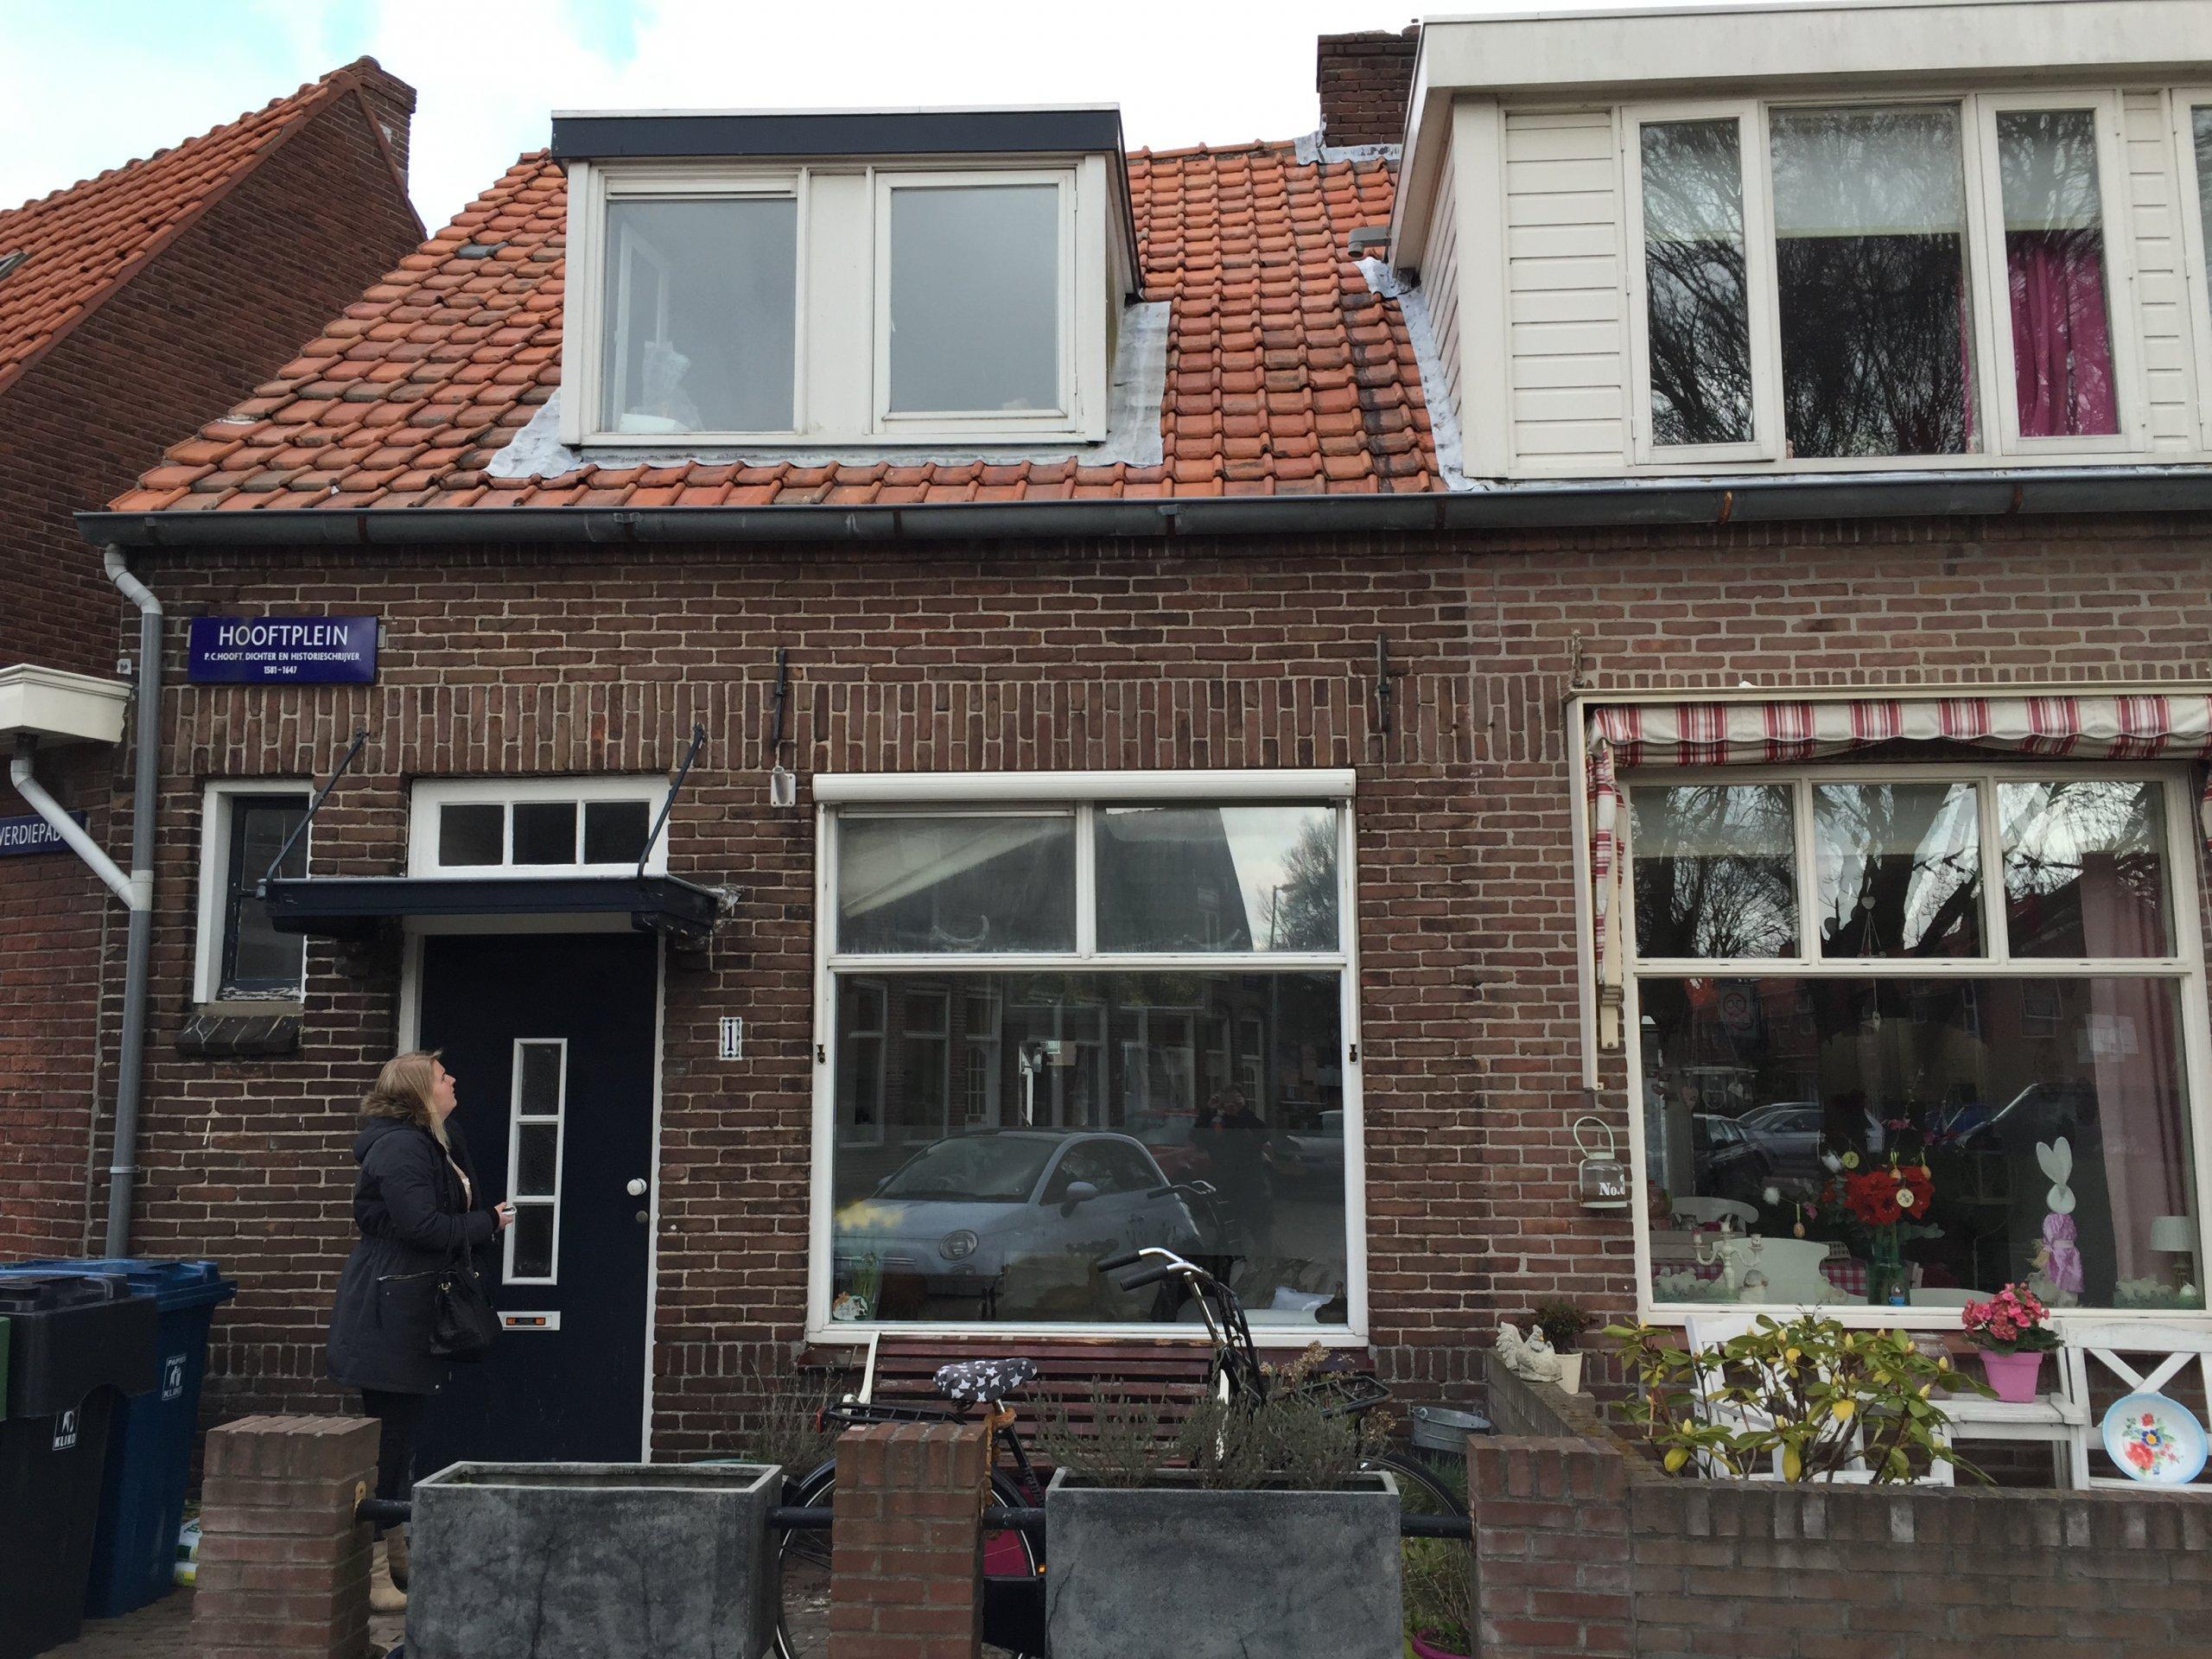 Dakkapel Hooftplein te Alkmaar